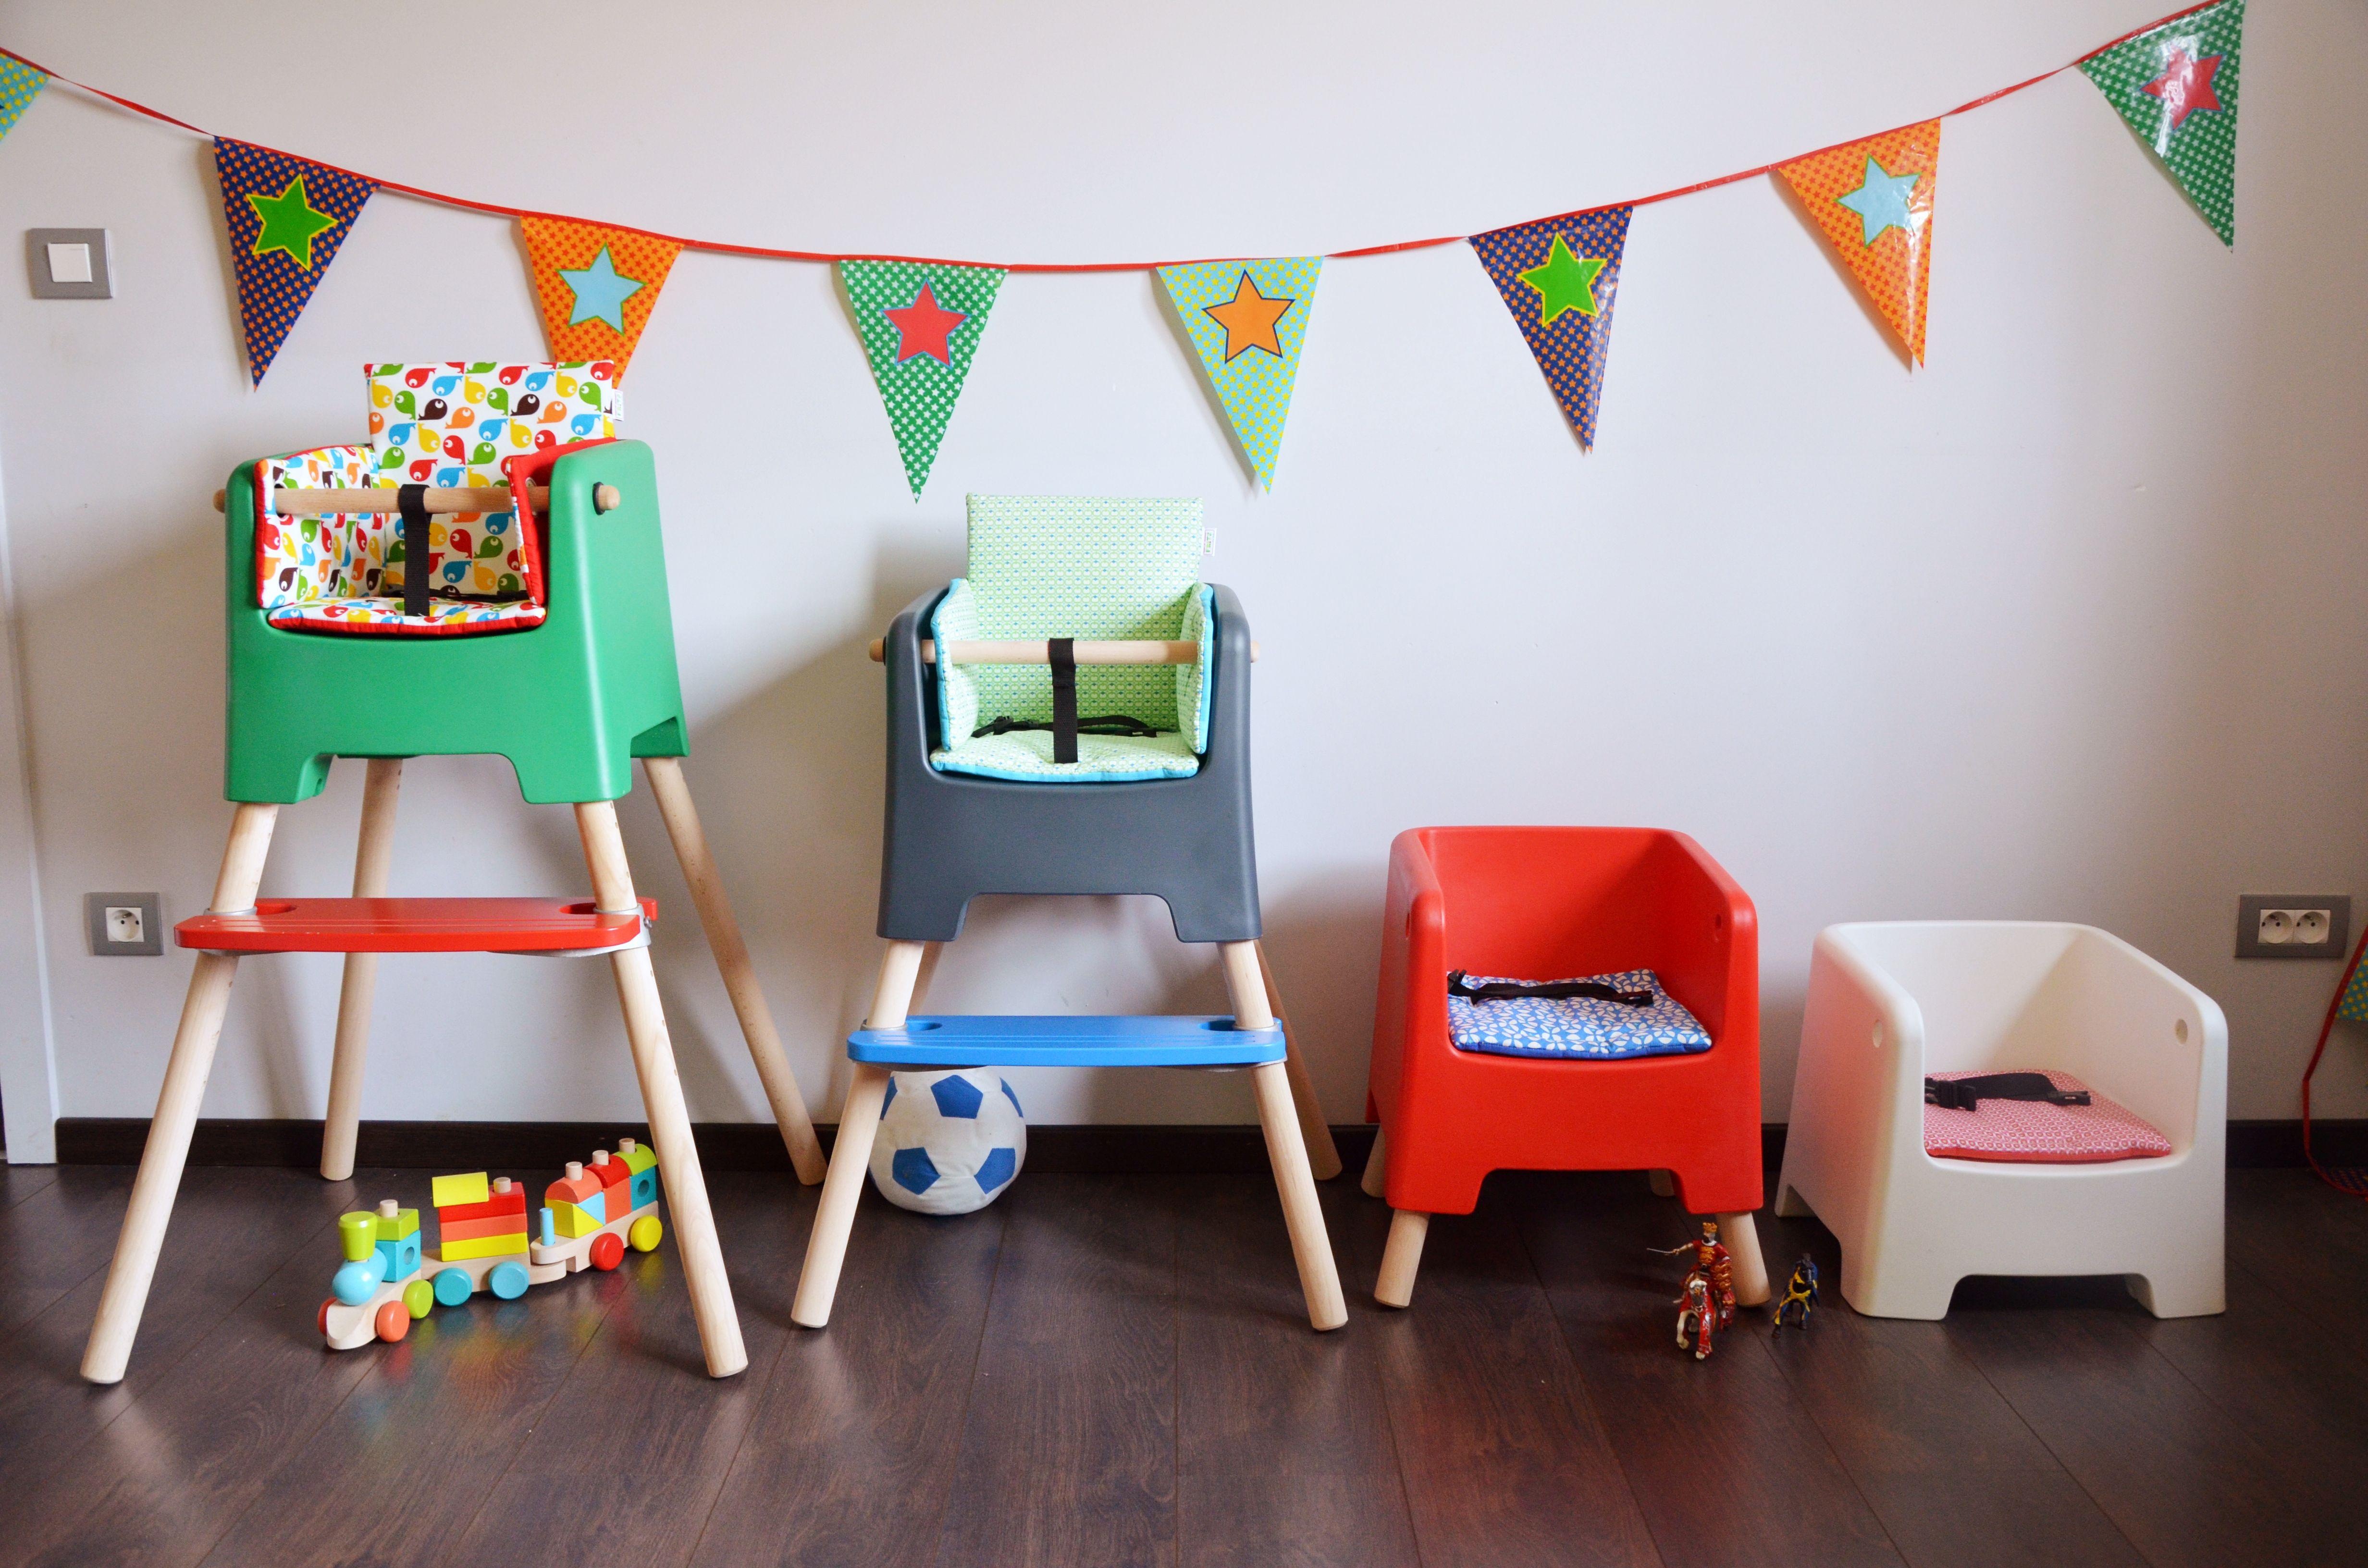 Kinderstoel voor aan een keukeneiland eettafel tekentafel en kan